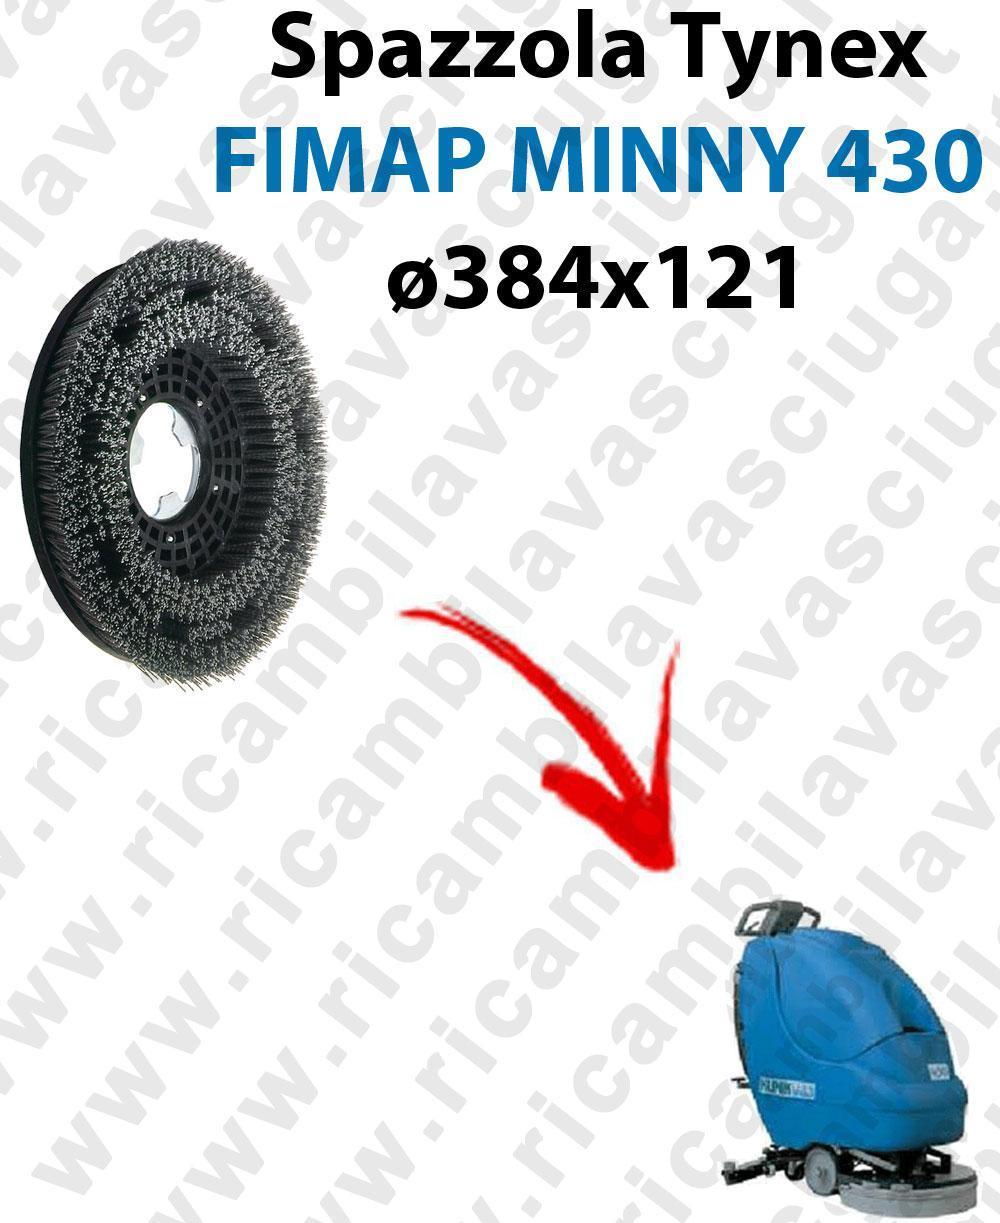 SPAZZOLA TYNEX  for scrubber dryer FIMAP MINNY 430. Model: tynex  ⌀384 X 121